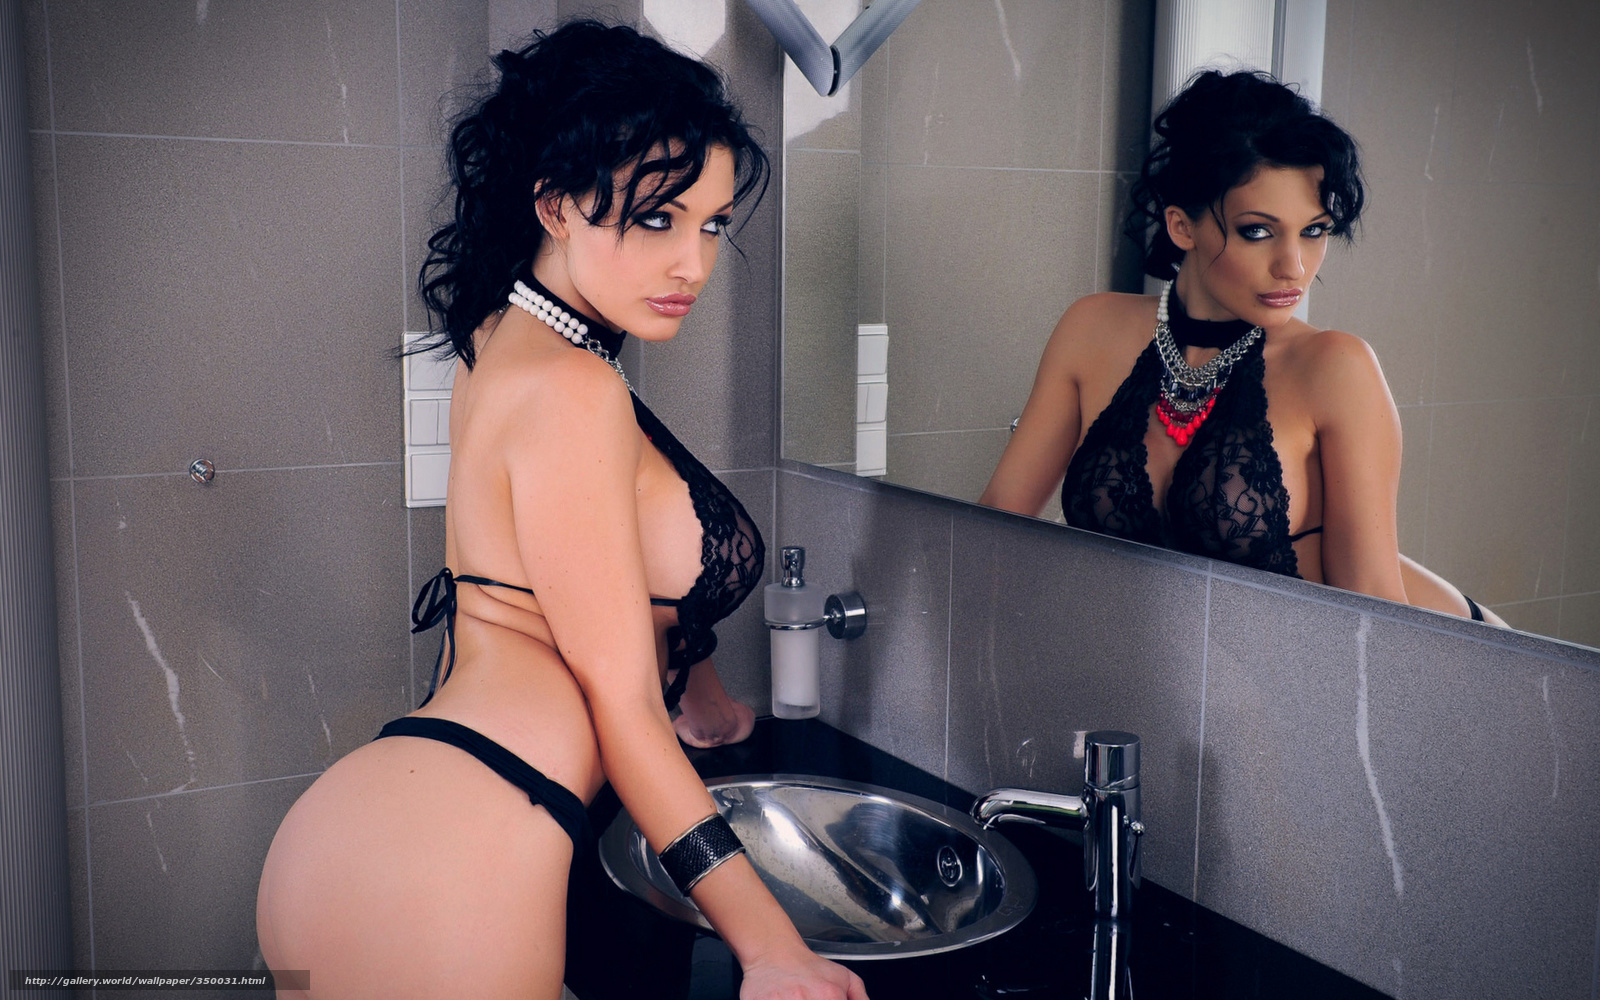 Посмотреть за девочками в туалете 27 фотография